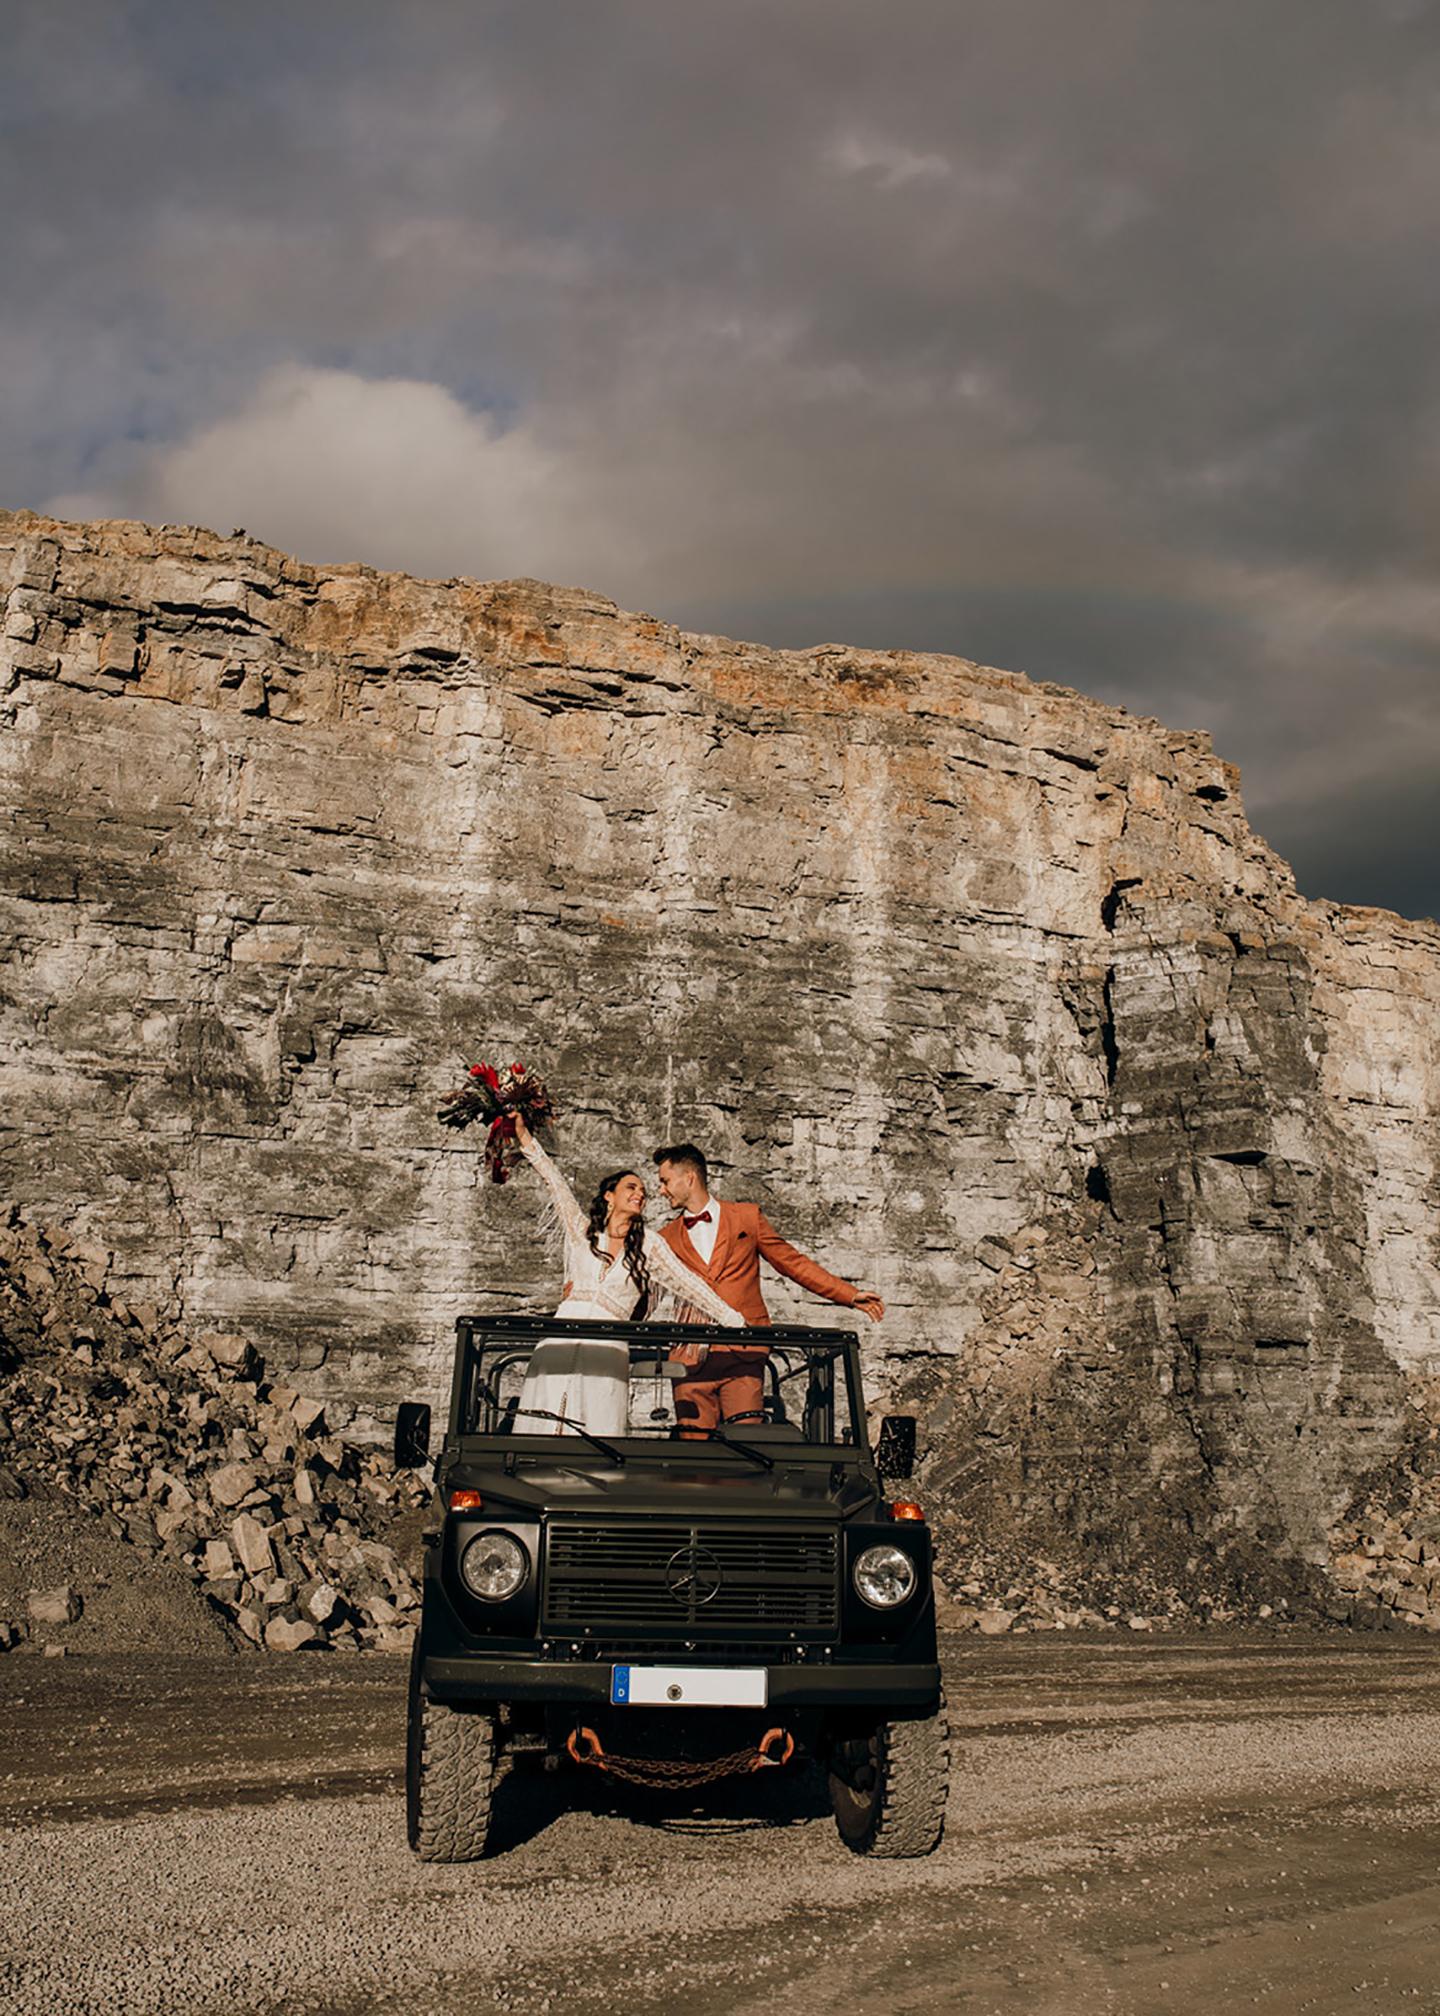 Die beeindruckende Kulisse des Shootings - ein Steinbruch, im Vordergrund das Brautpaar auf dem Geländewagen, dunkle Wolken und ein Regenbogen hinter ihnen